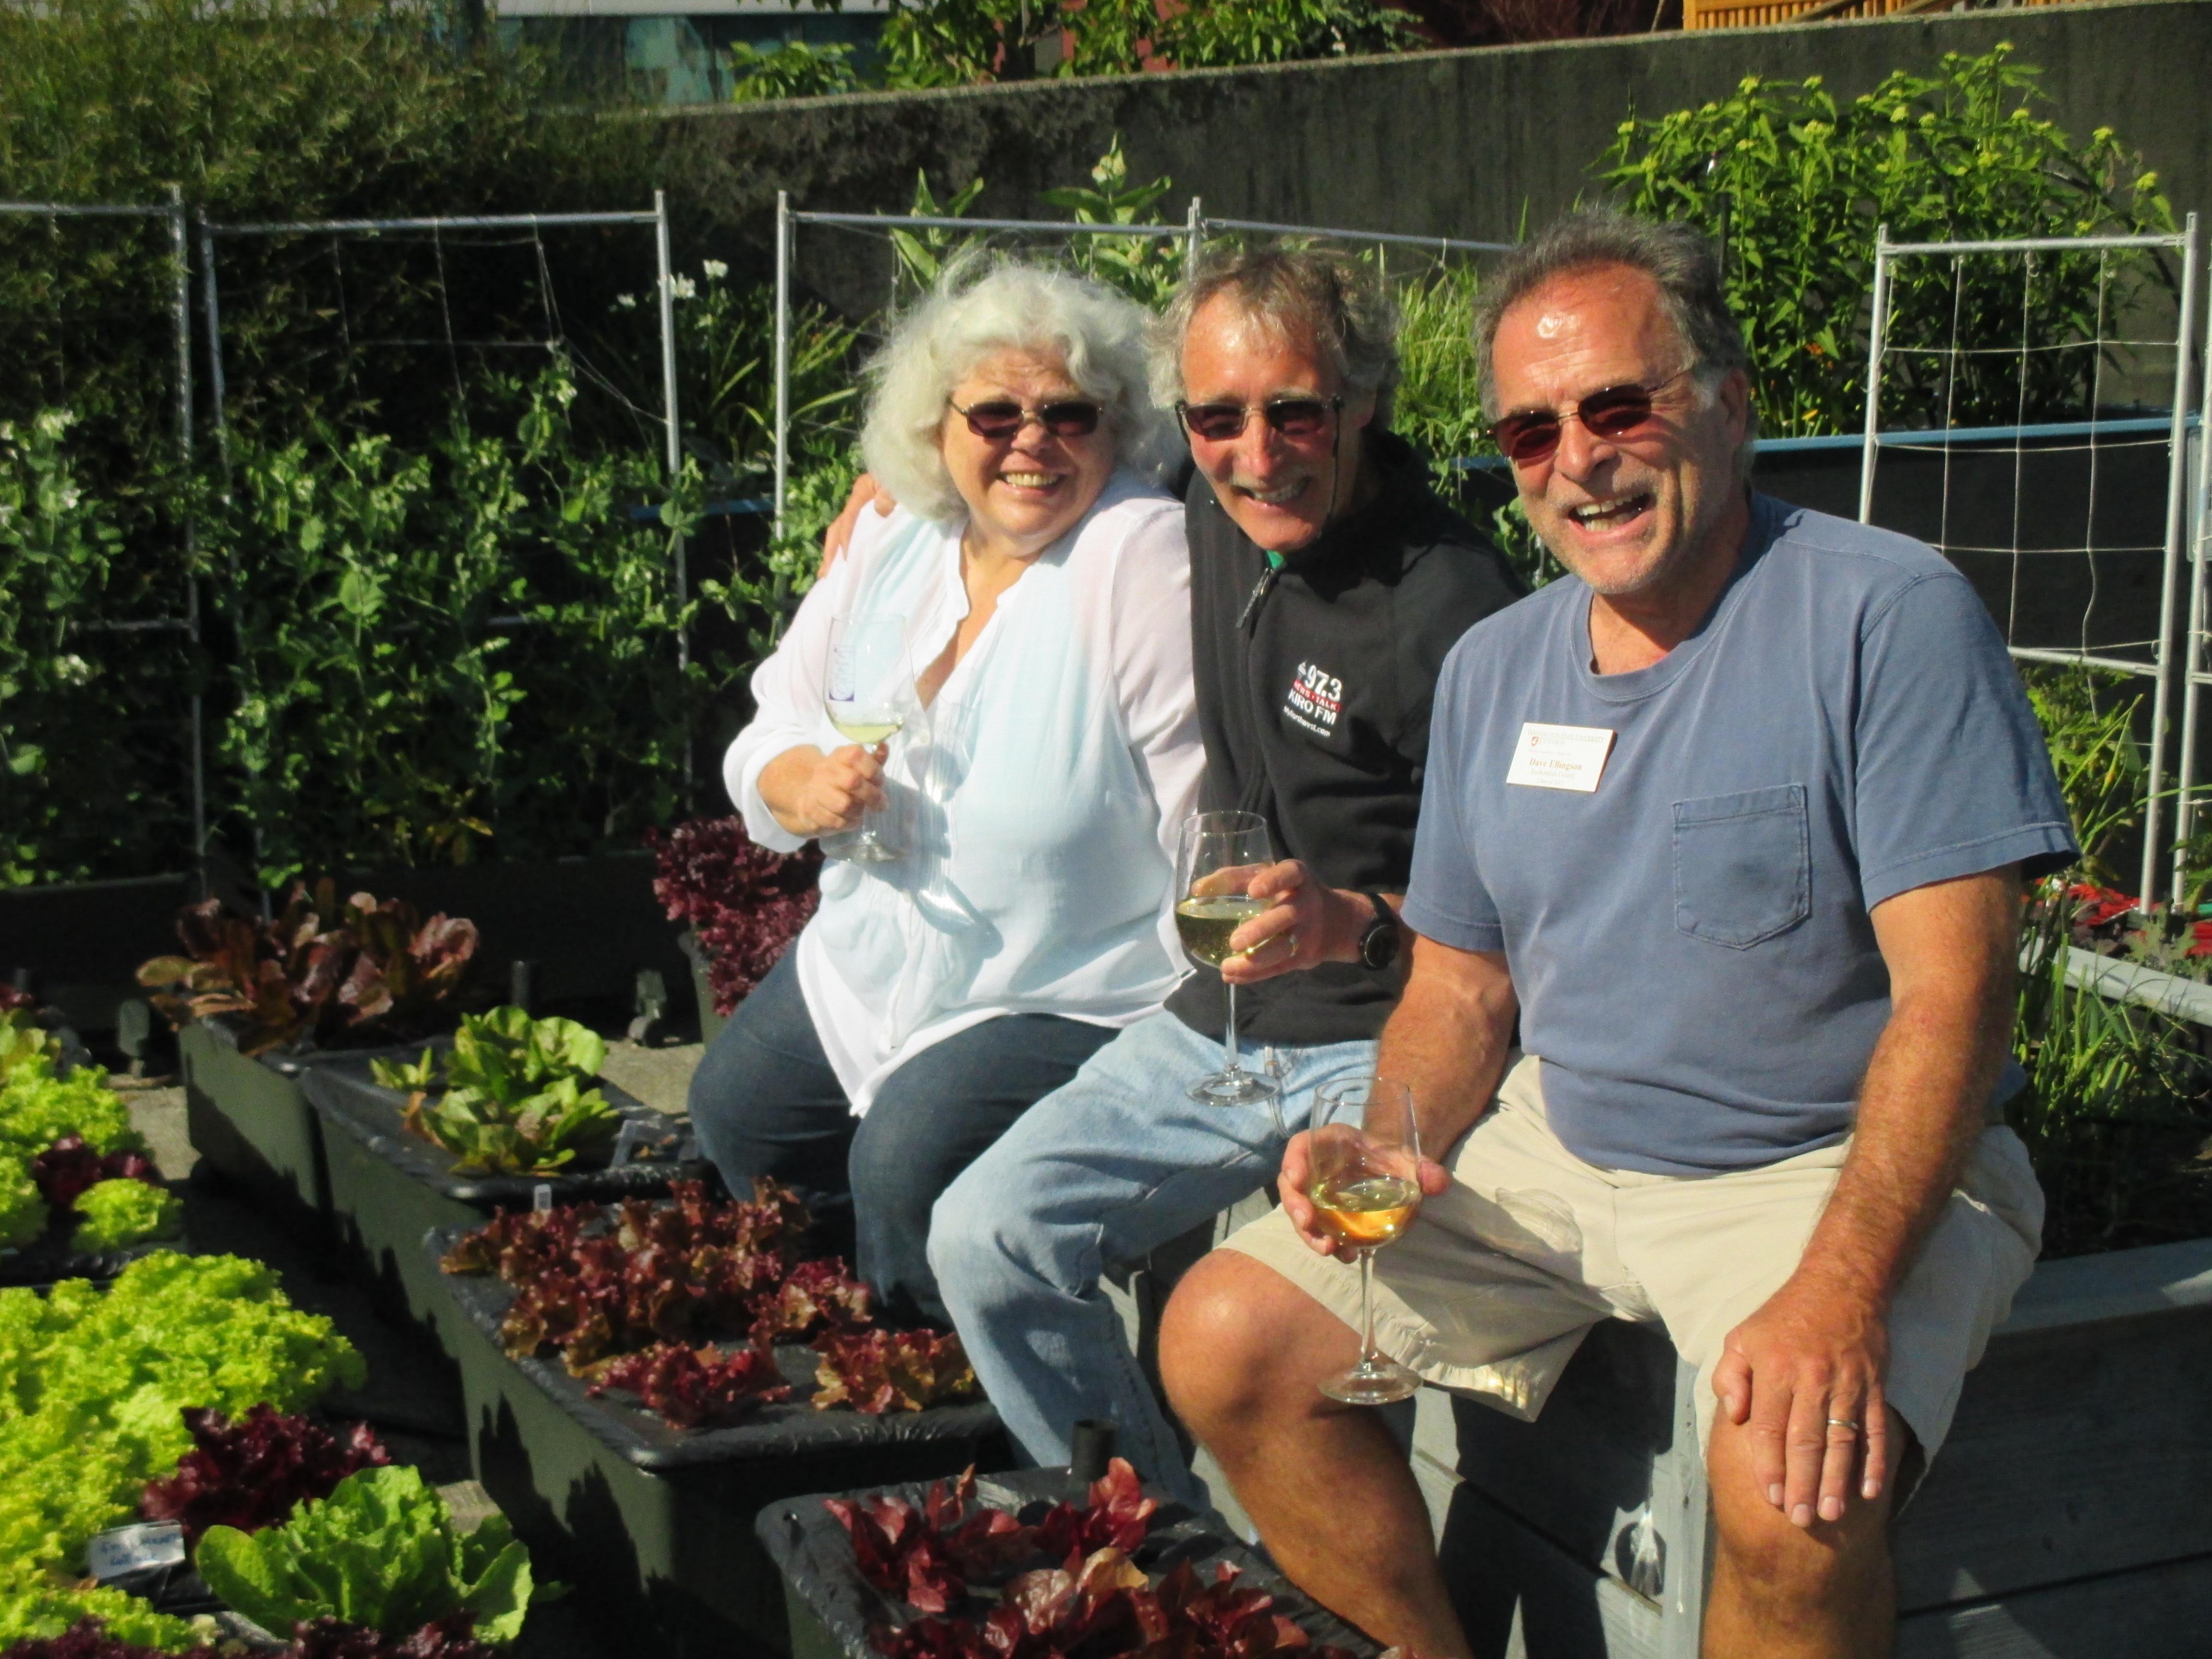 Ciscoe Morris with Dave Ellingson and Sue Hougoum